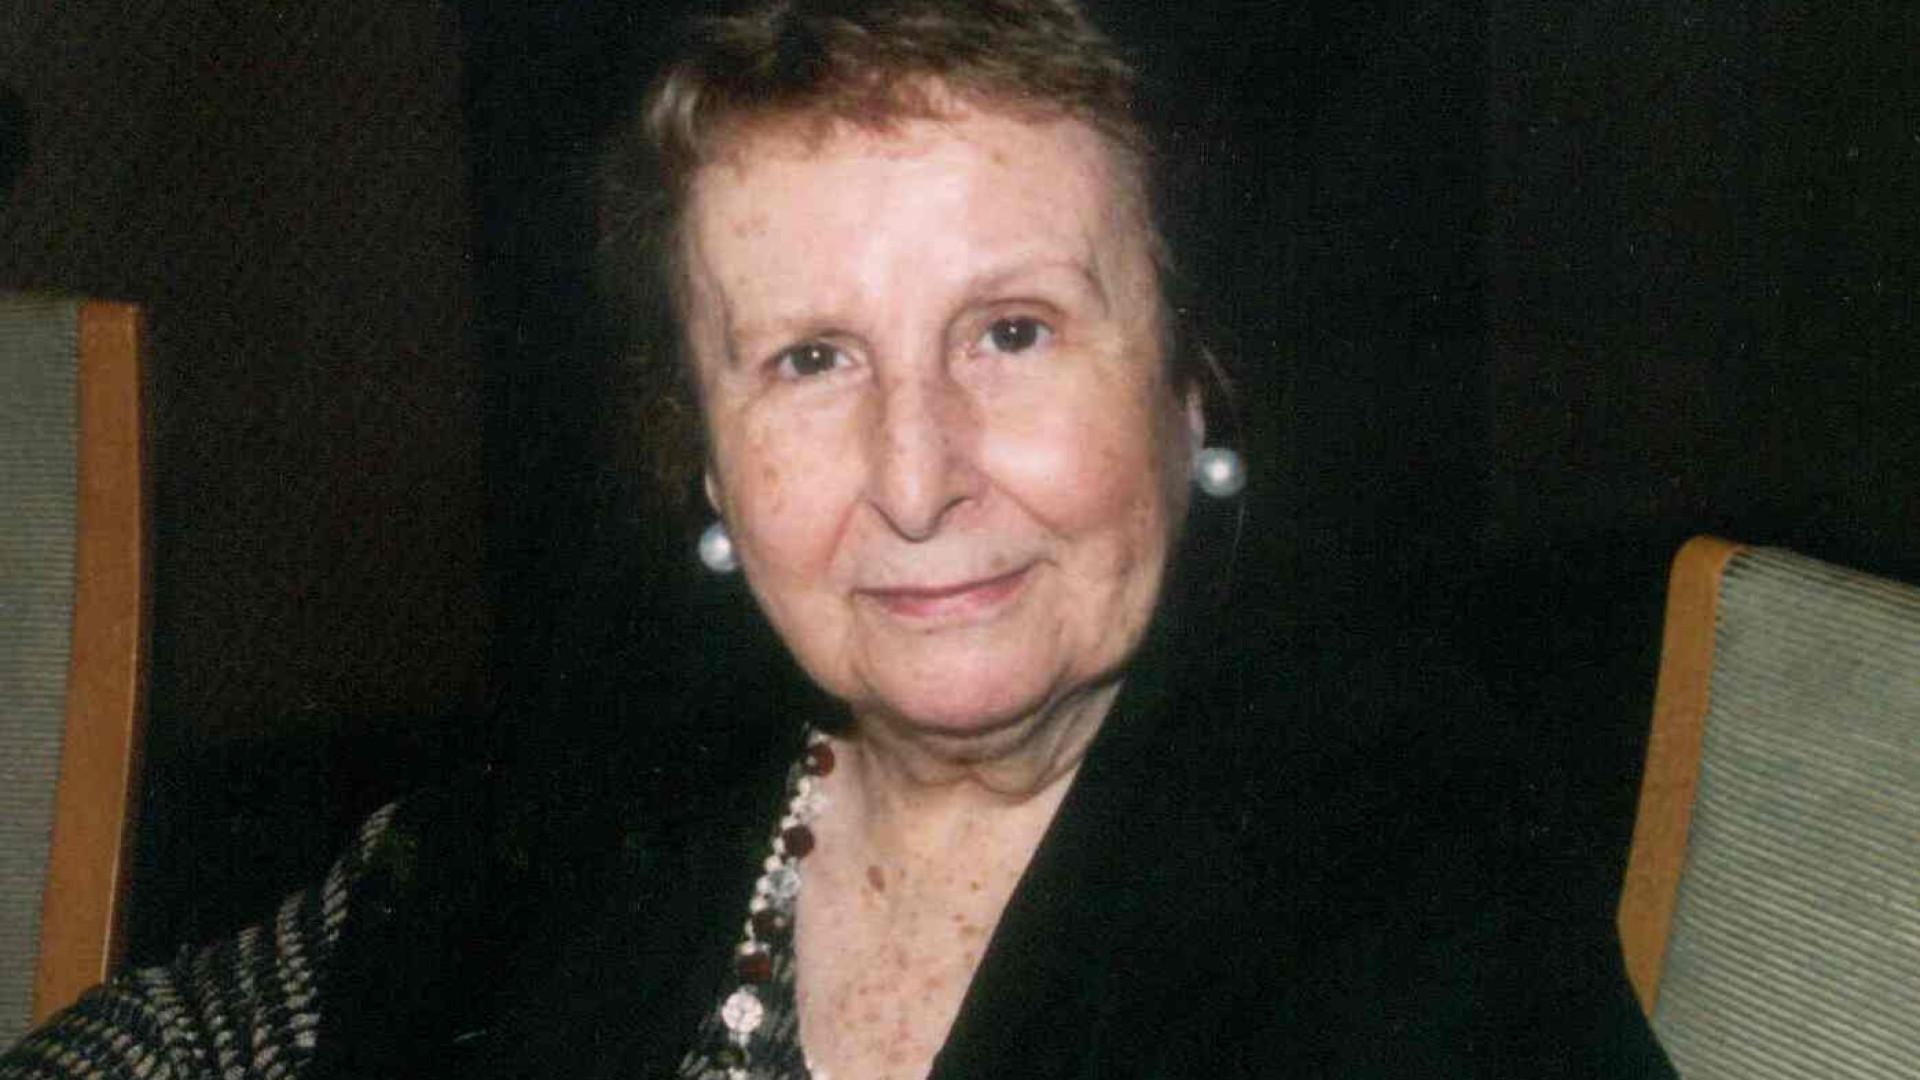 Prémio Literário Revelação Agustina Bessa-Luís aboliu limite de idade